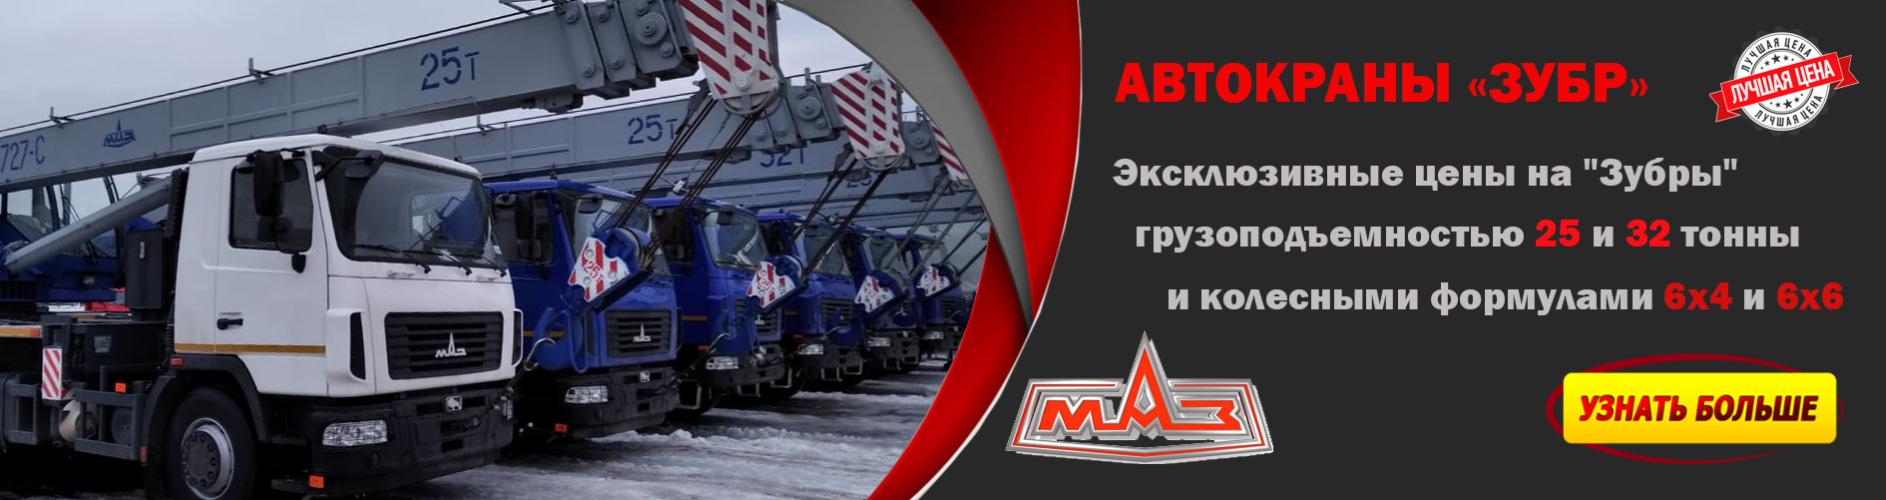 Автокраны ЗУБР